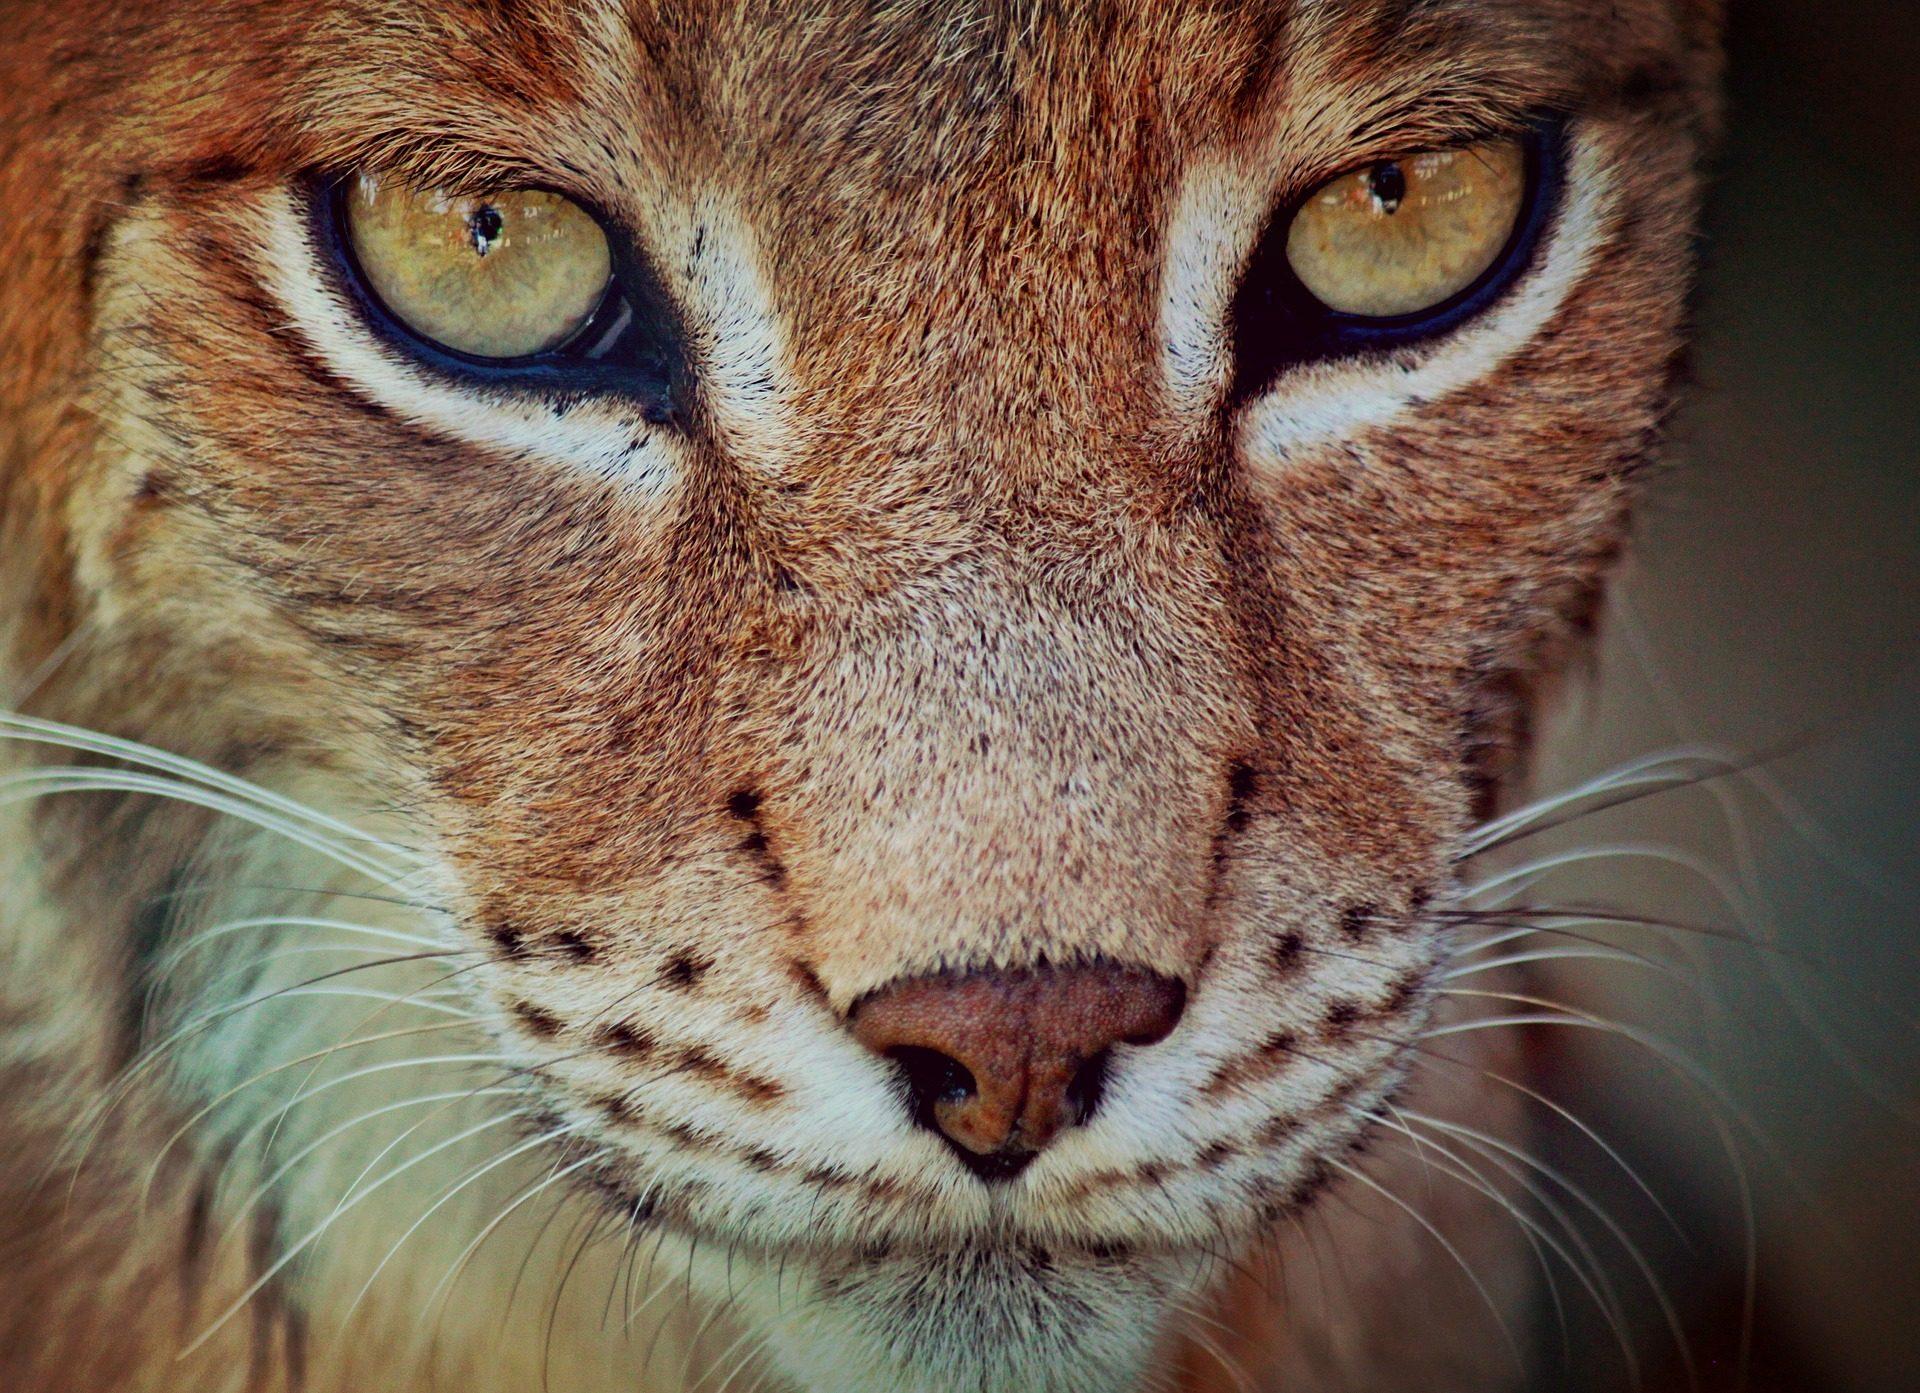 Рысь, Хищник, кошачьи, Смотреть, бакенбарды, Рыло - Обои HD - Профессор falken.com